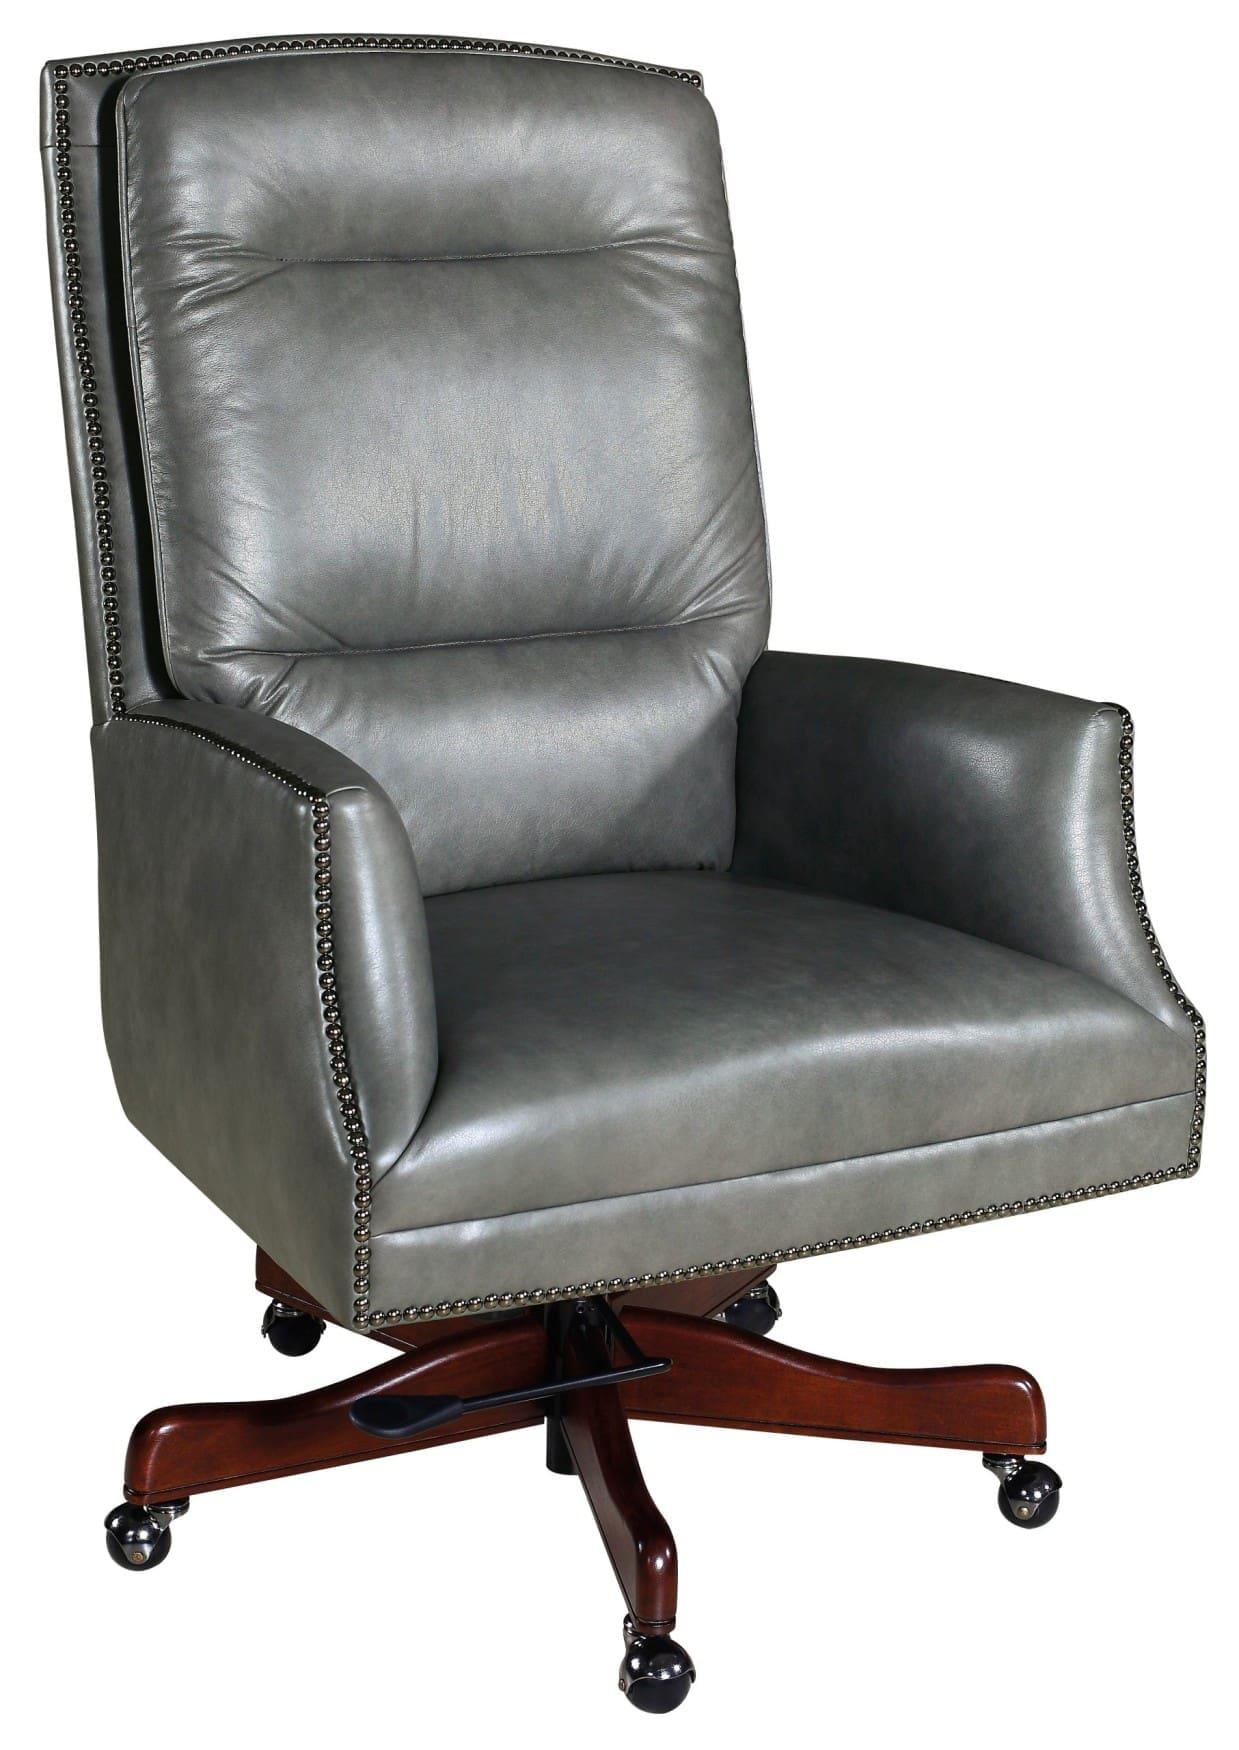 Garrett Executive Swivel Tilt Chair